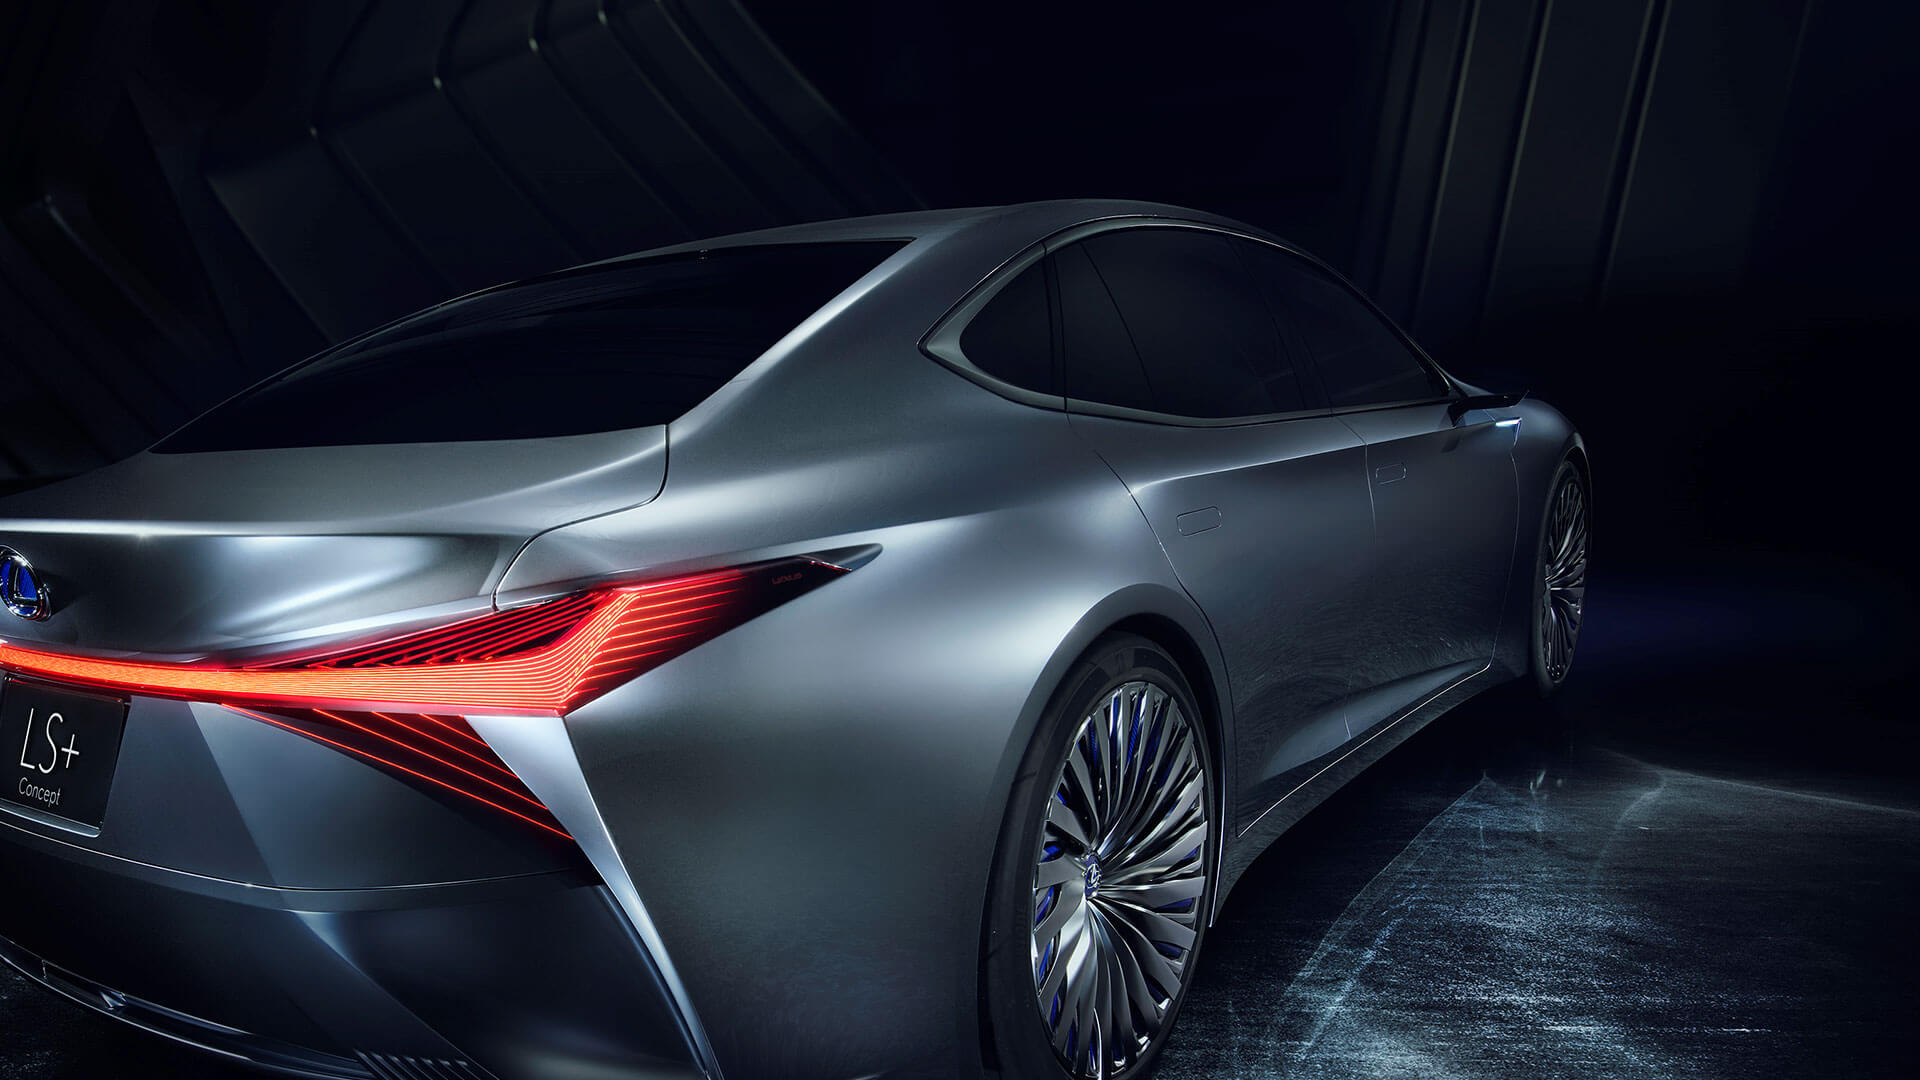 lexus ls concept tokyo motor show gallery 015